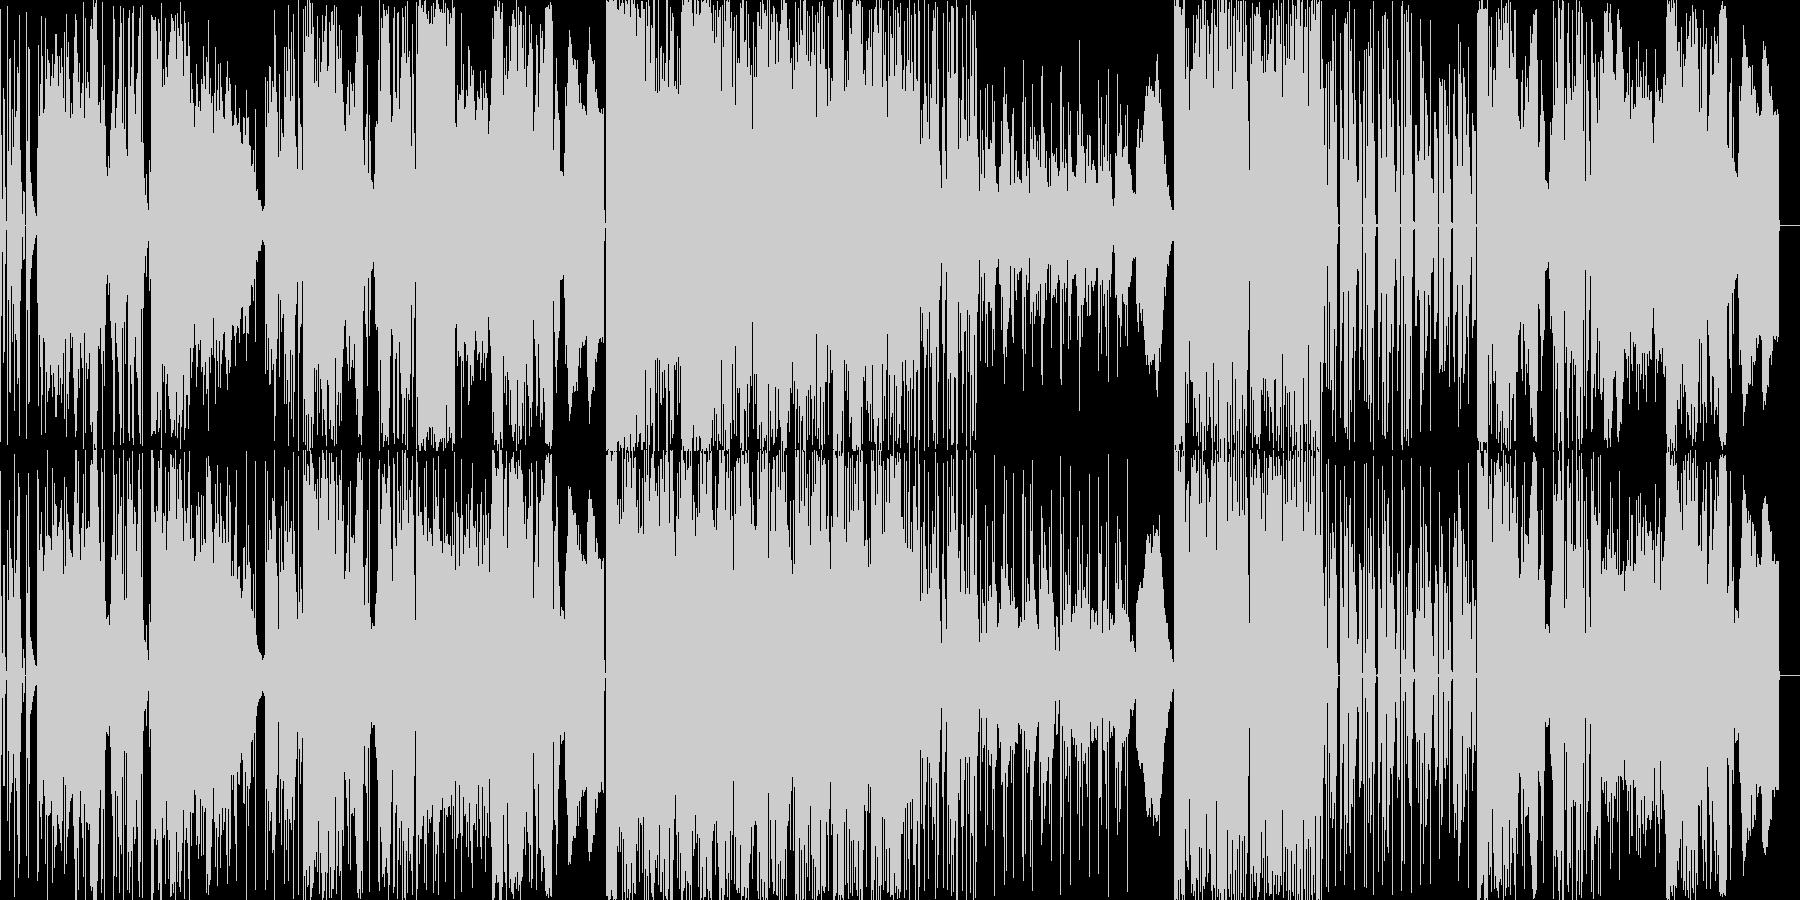 エレクトロ サスペンス 技術的な ...の未再生の波形